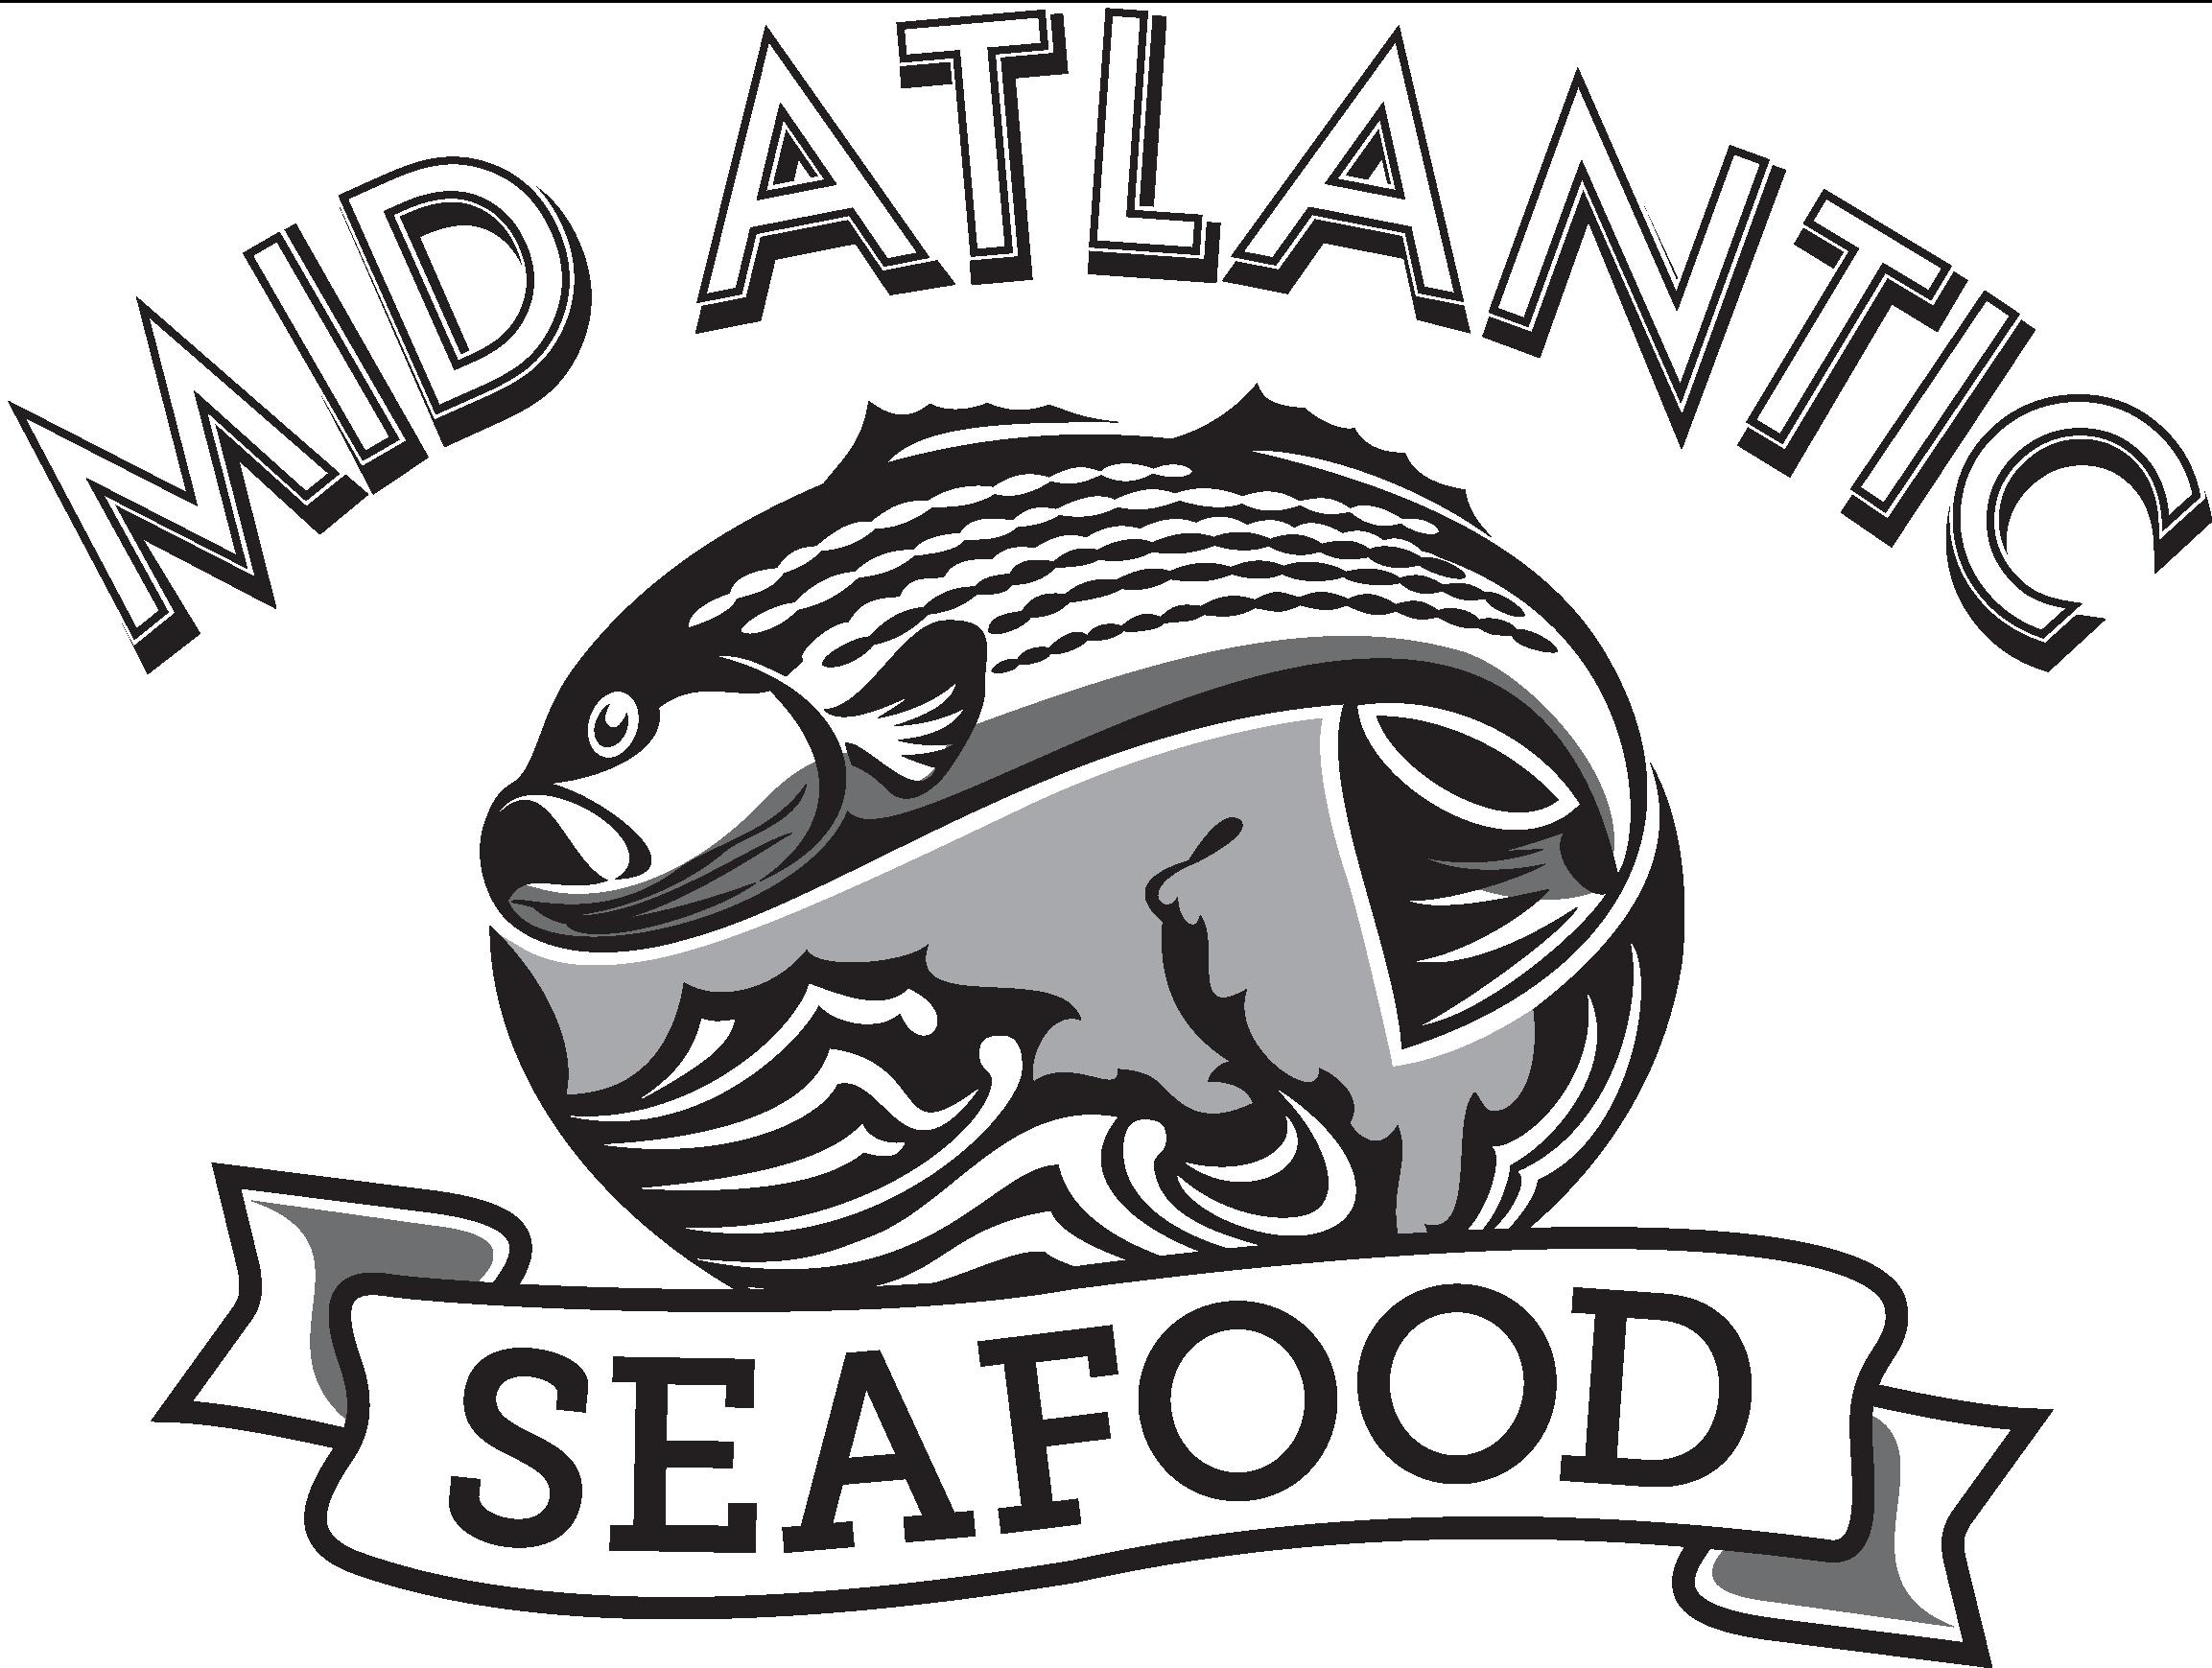 Mid Atlantic Sea food